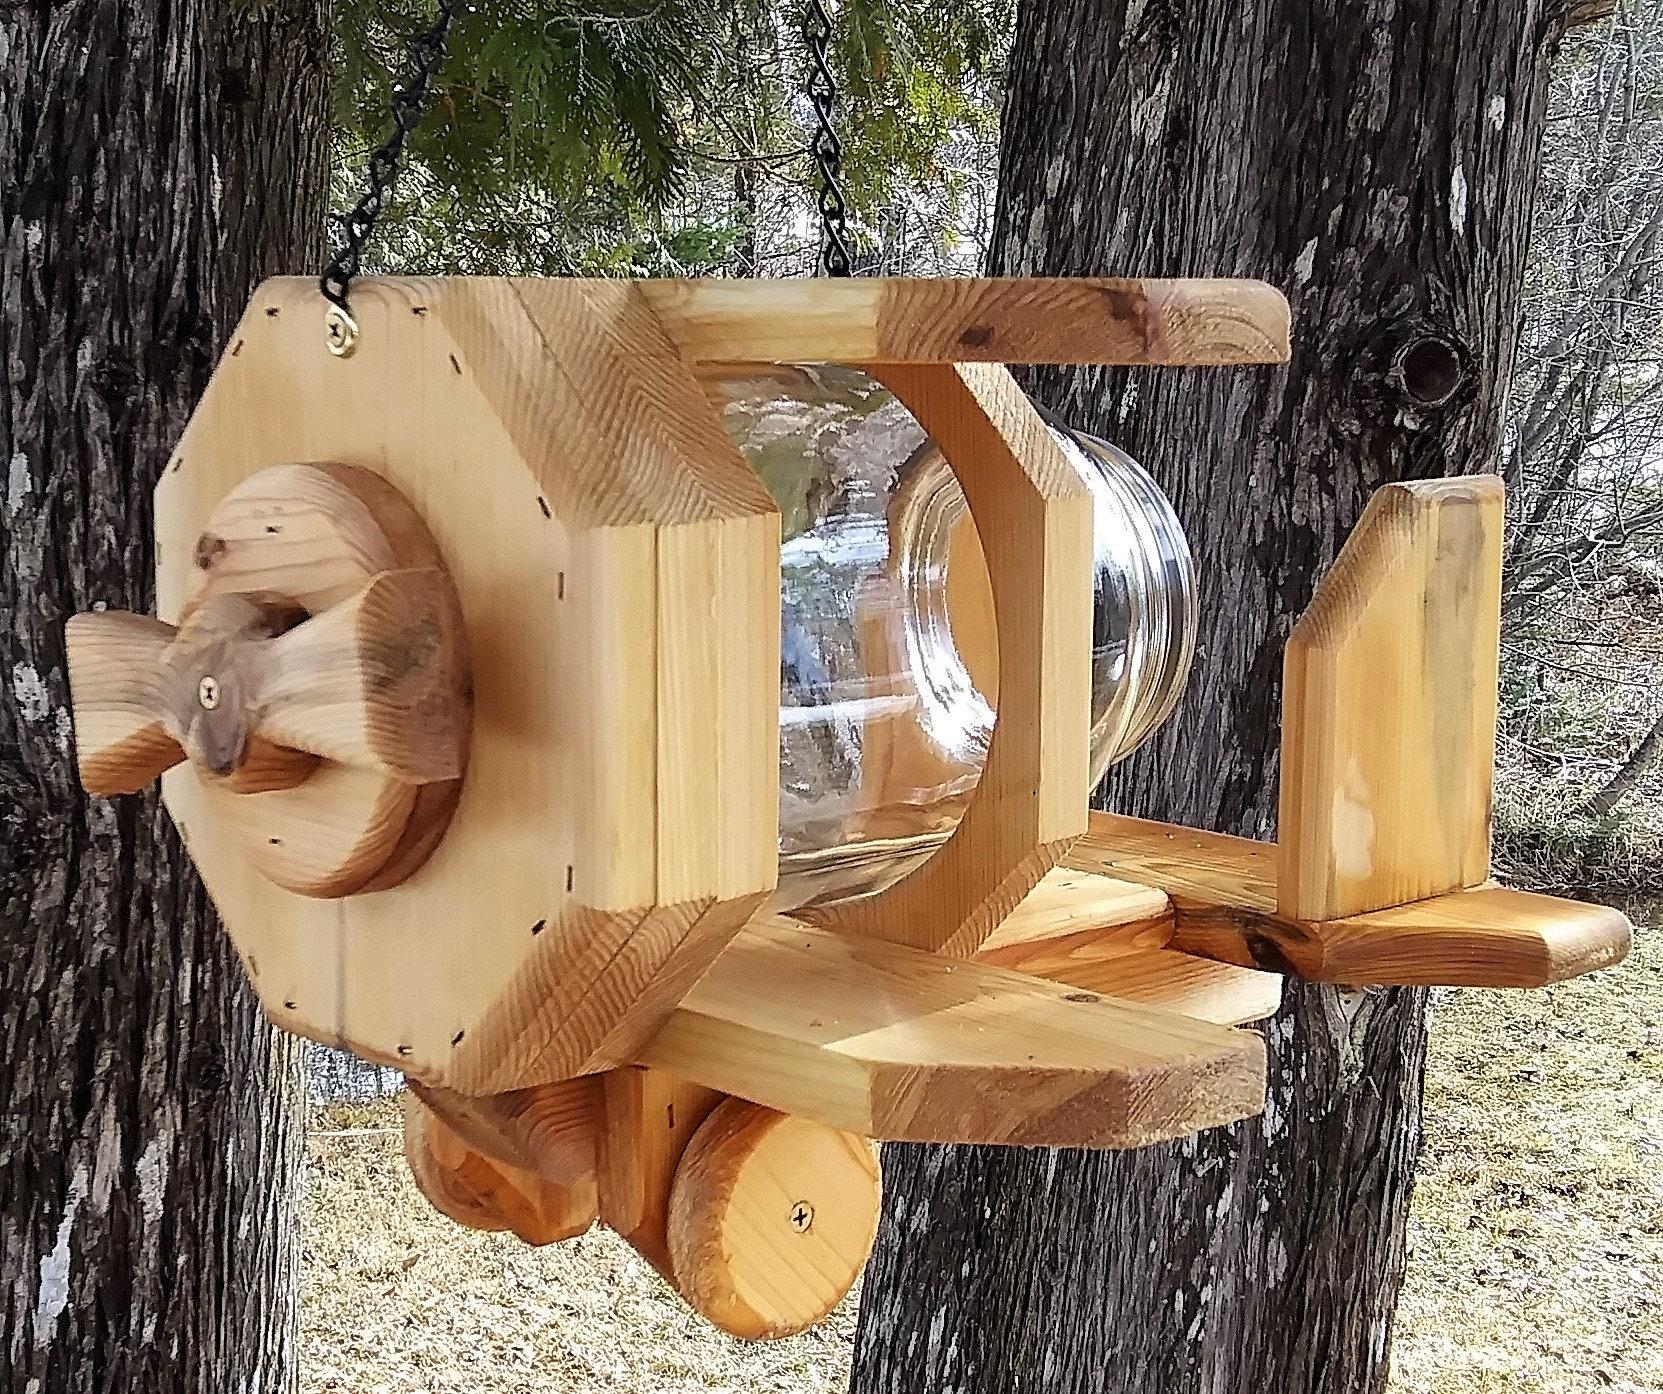 Dual Peanut Butter Fence Mount Cedar Wood Jar Squirrel Feeder